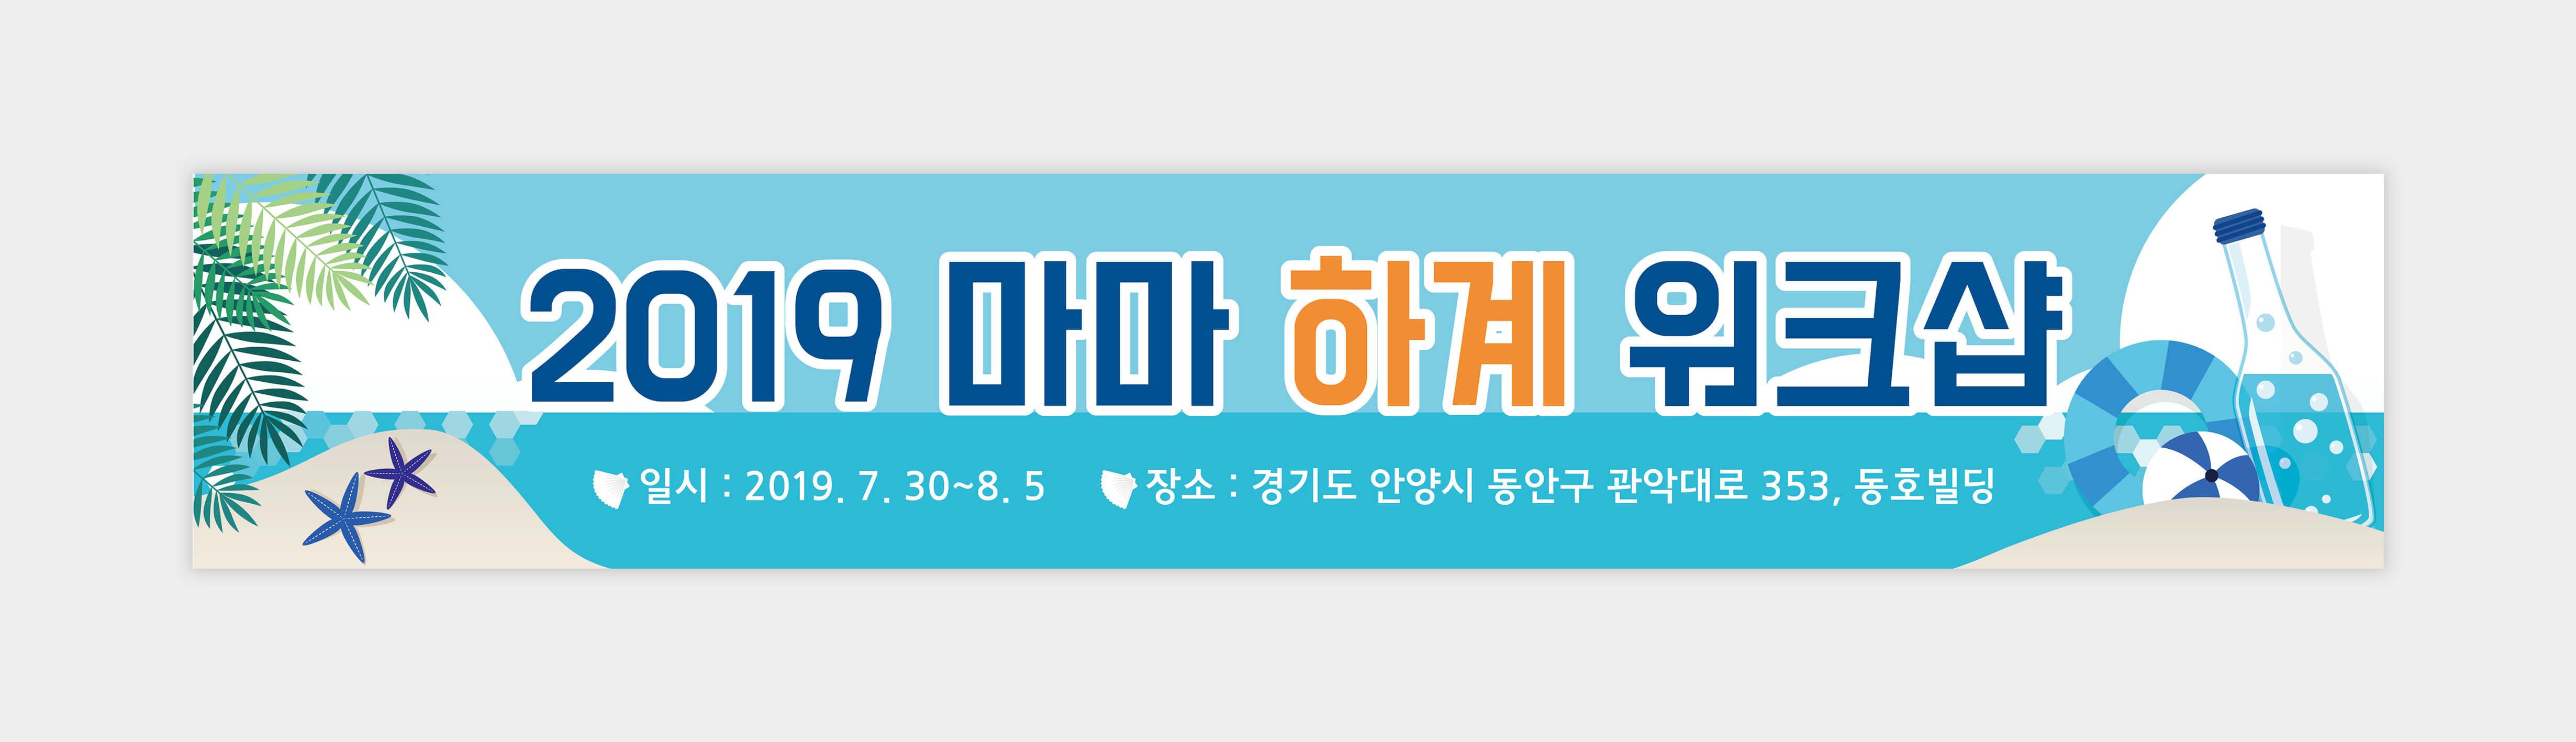 현수막_041